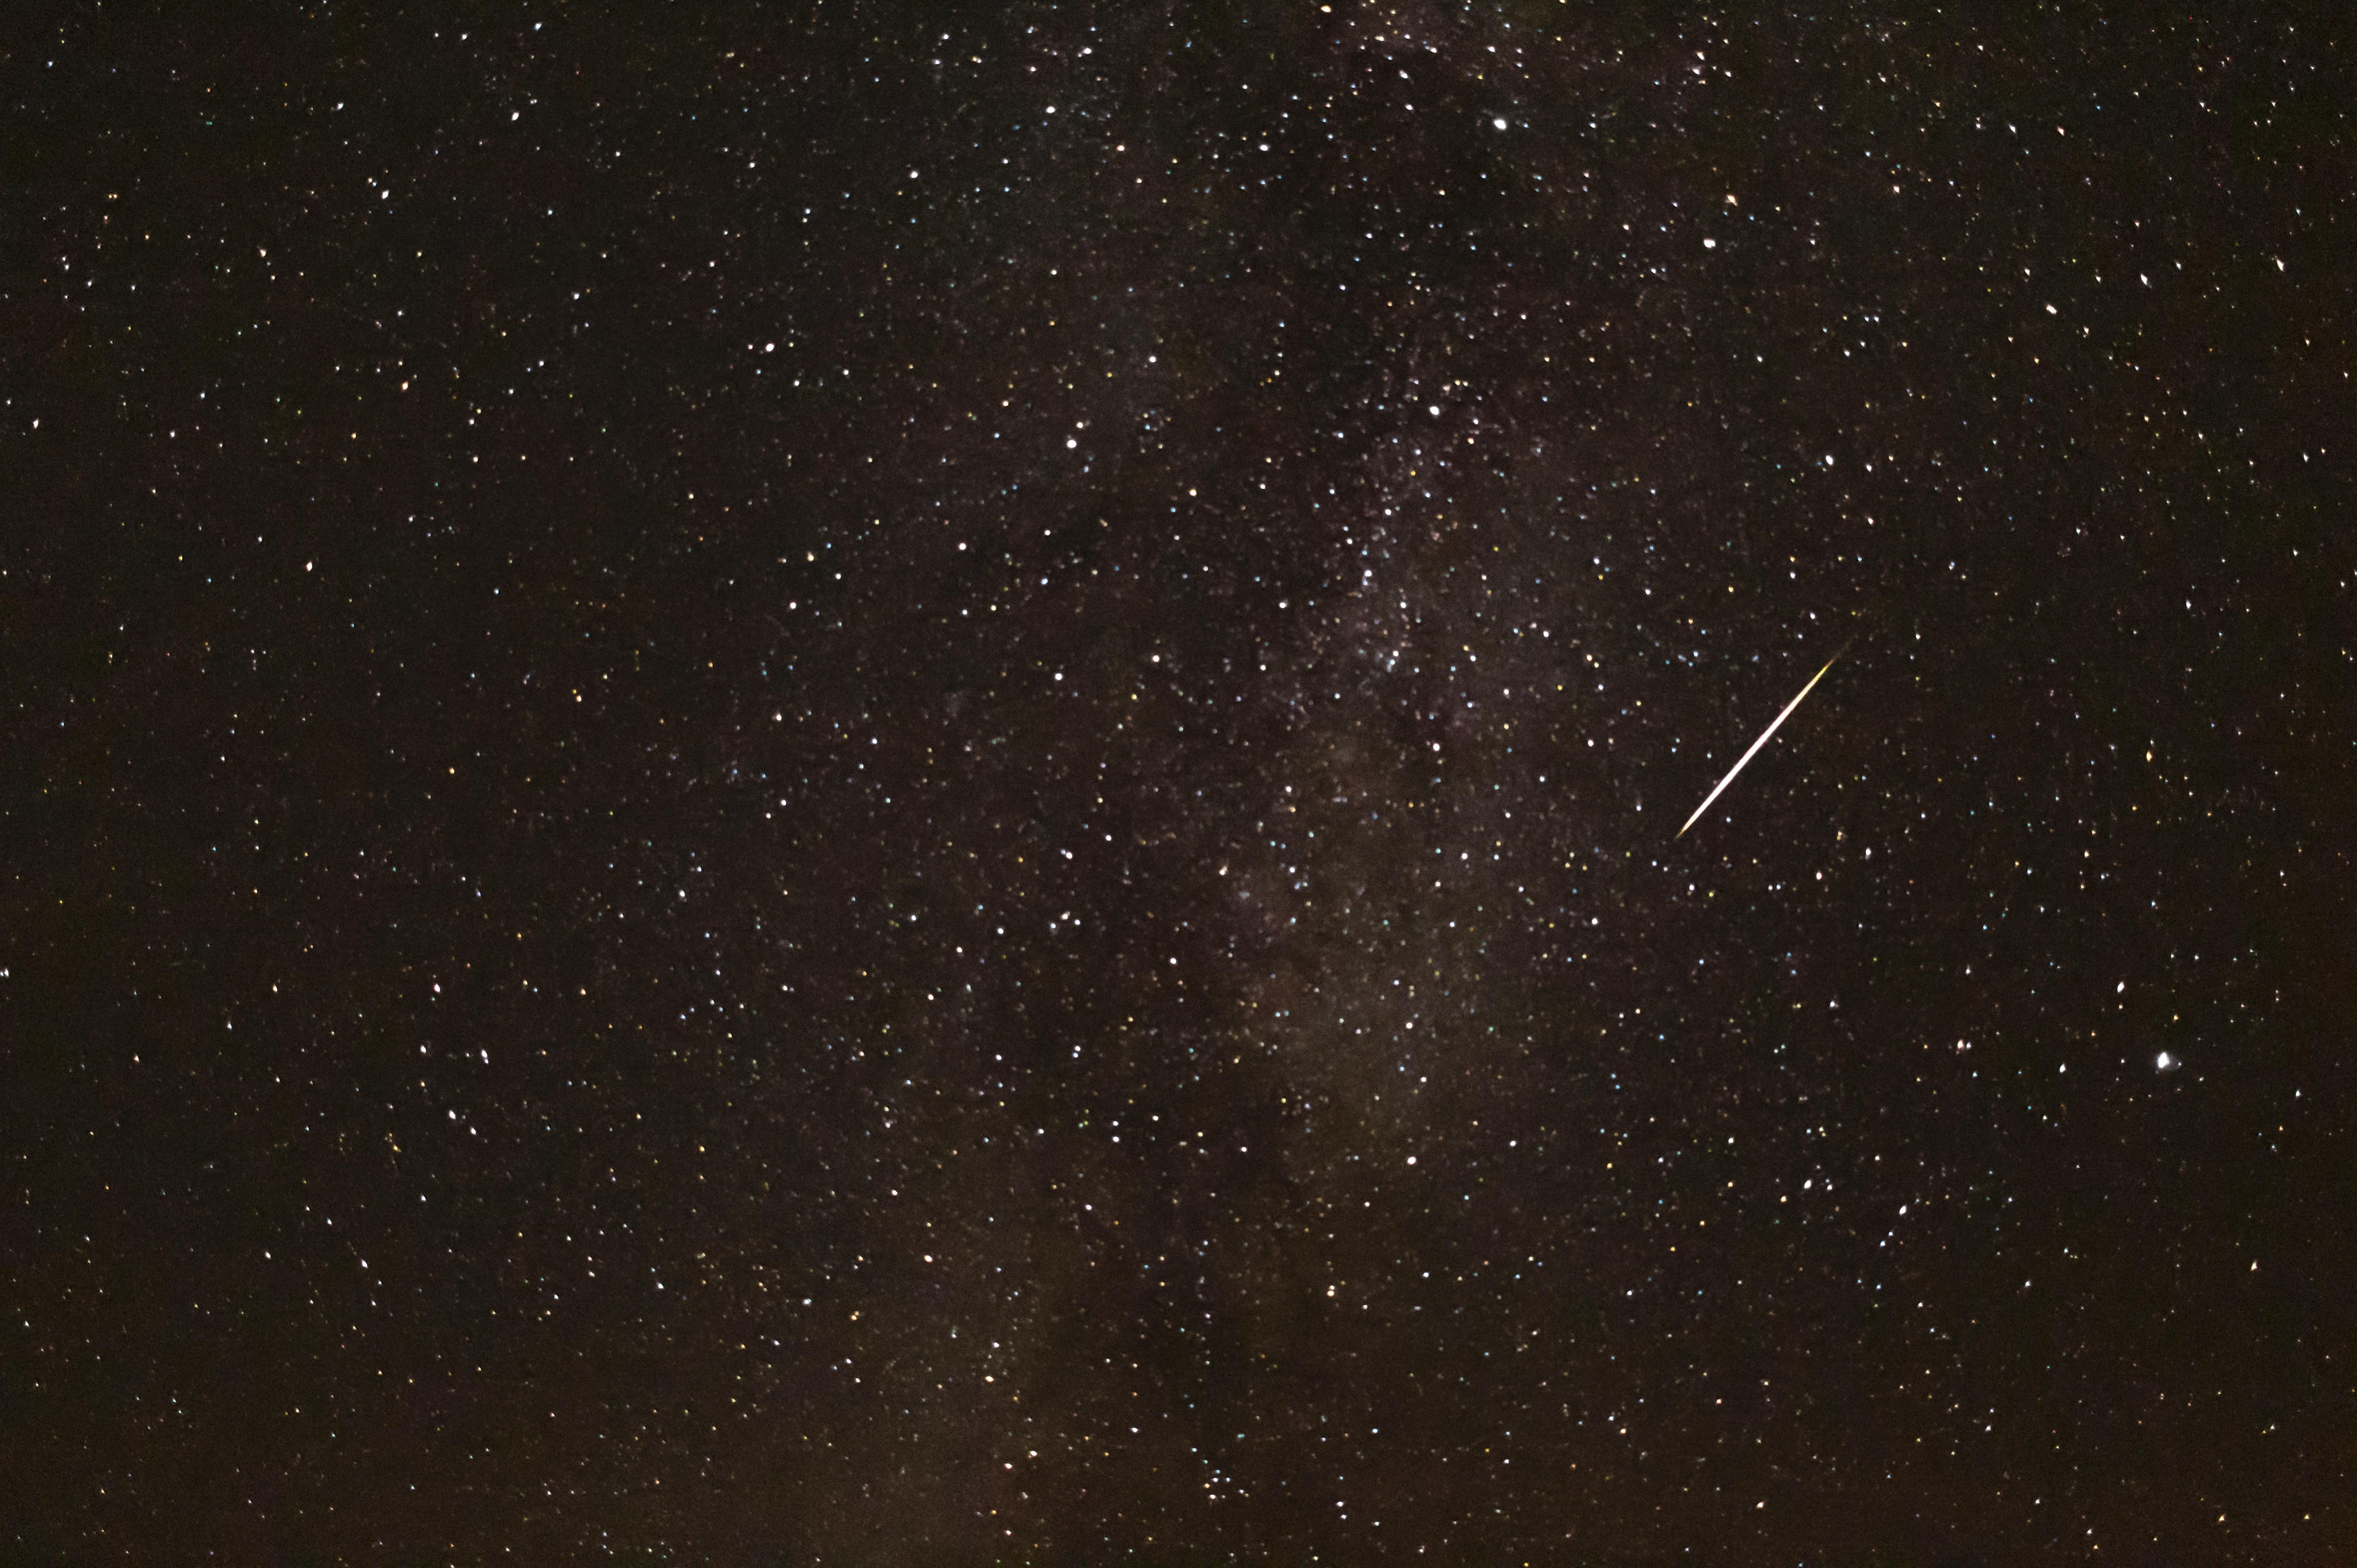 Milky Way - Sept 2020 # 2